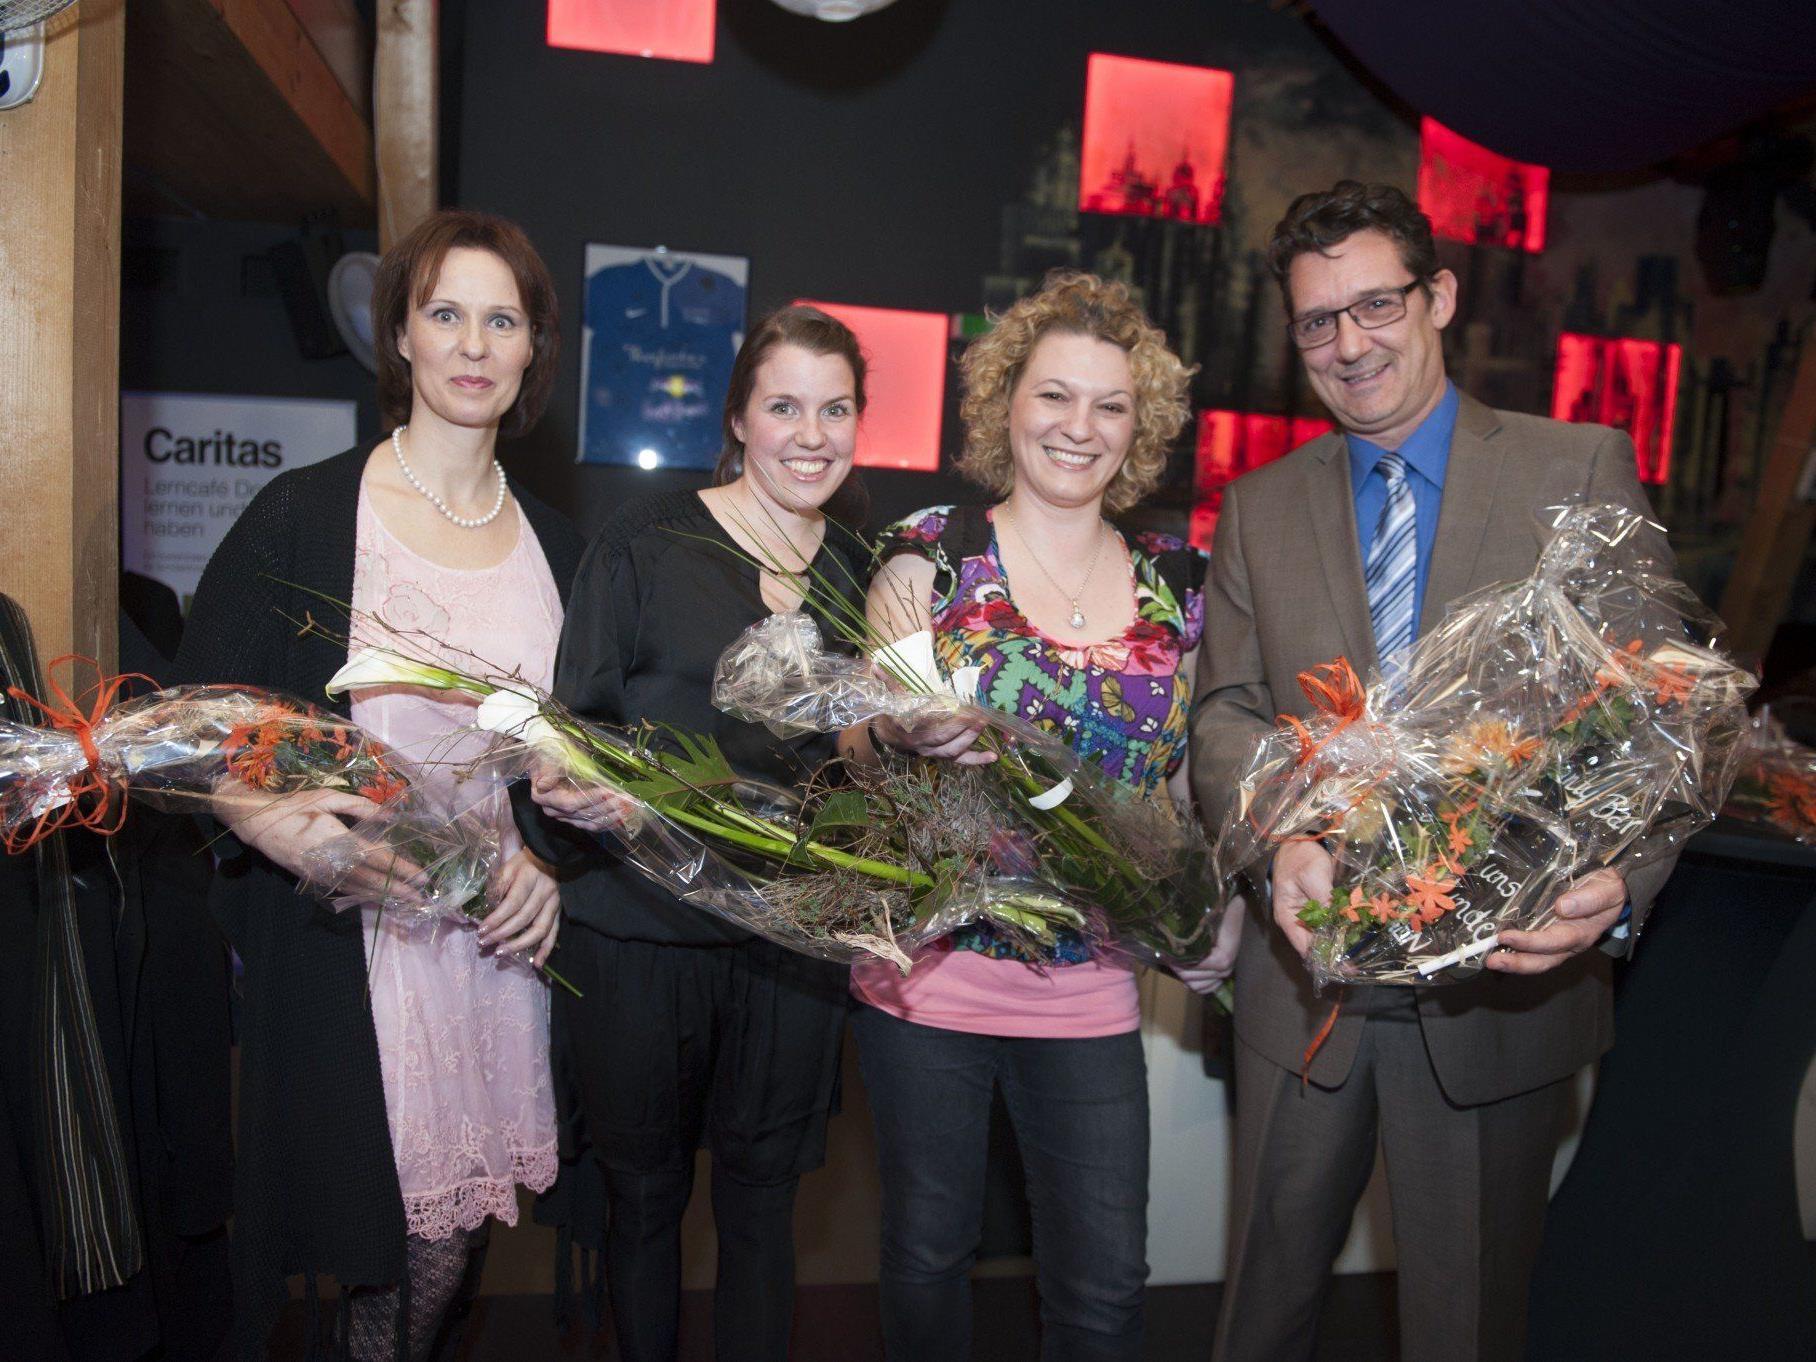 """Bea Bröll (Caritas Lerncafé), Rebecca Eisenegger (Beneficentia) sowie Marina Günther und Andreas Seeburger von """"Fliegen für Kinder mit Handicap""""."""